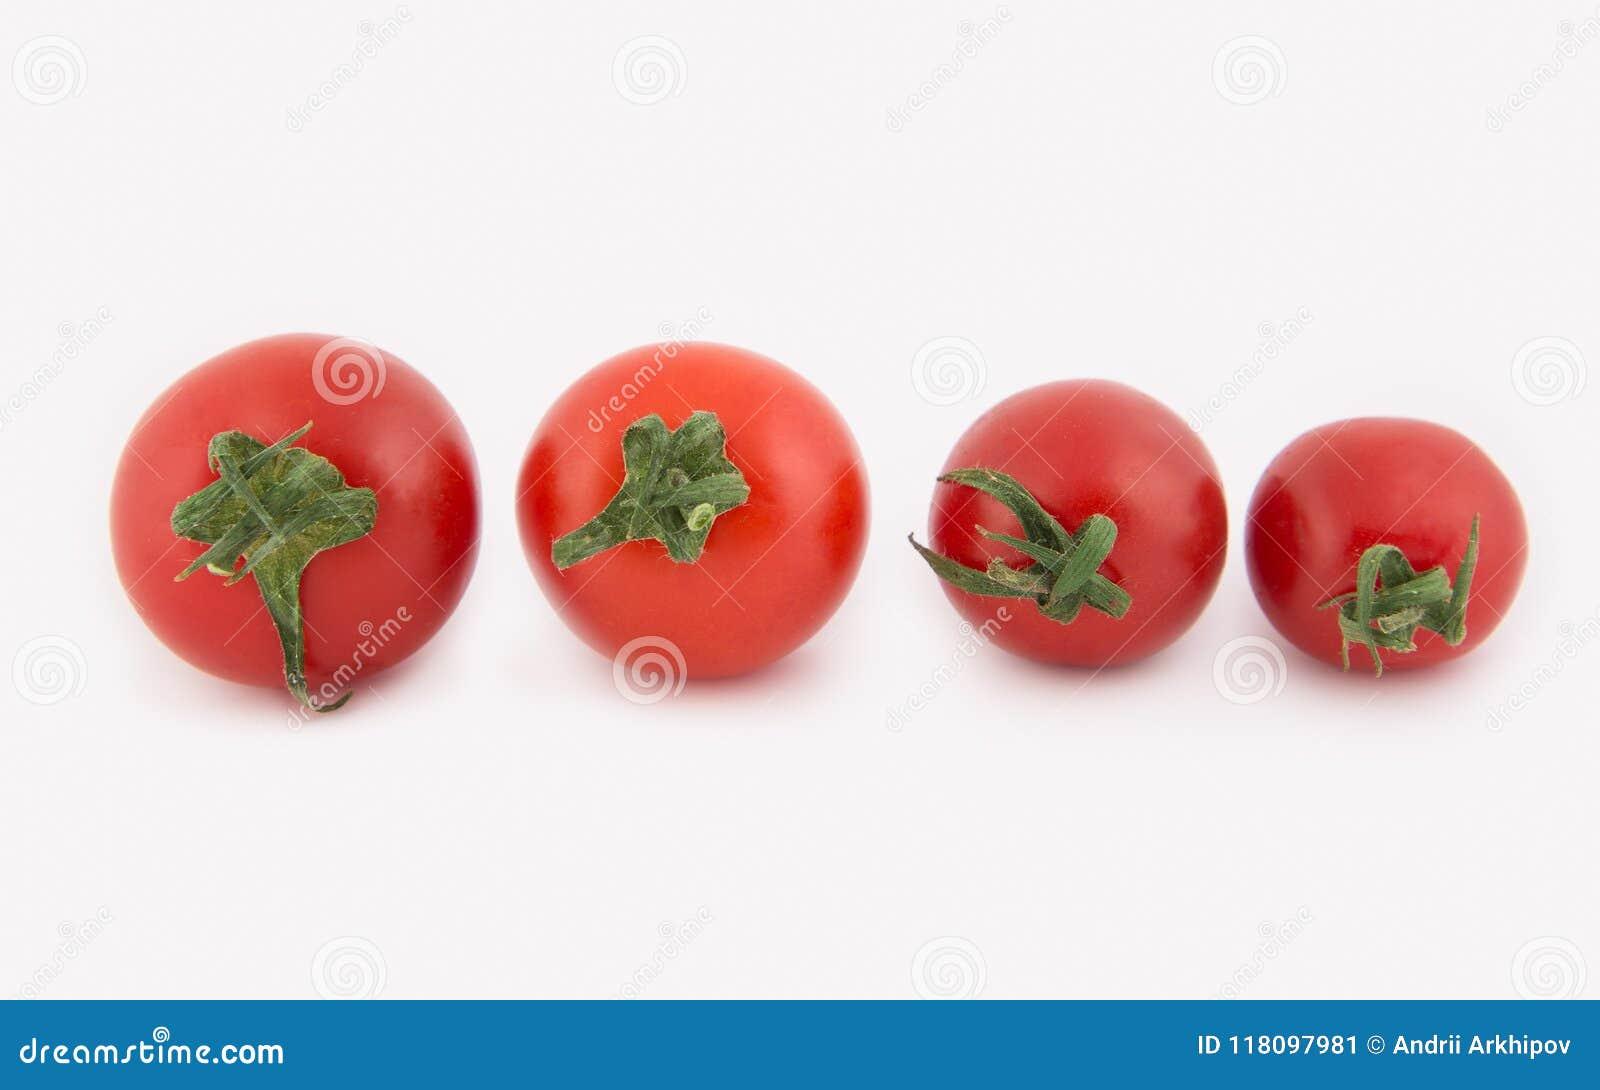 Fyra nya körsbärsröda tomater ligger i rad från det störst till det mindre bakgrund vita isolerade tomater